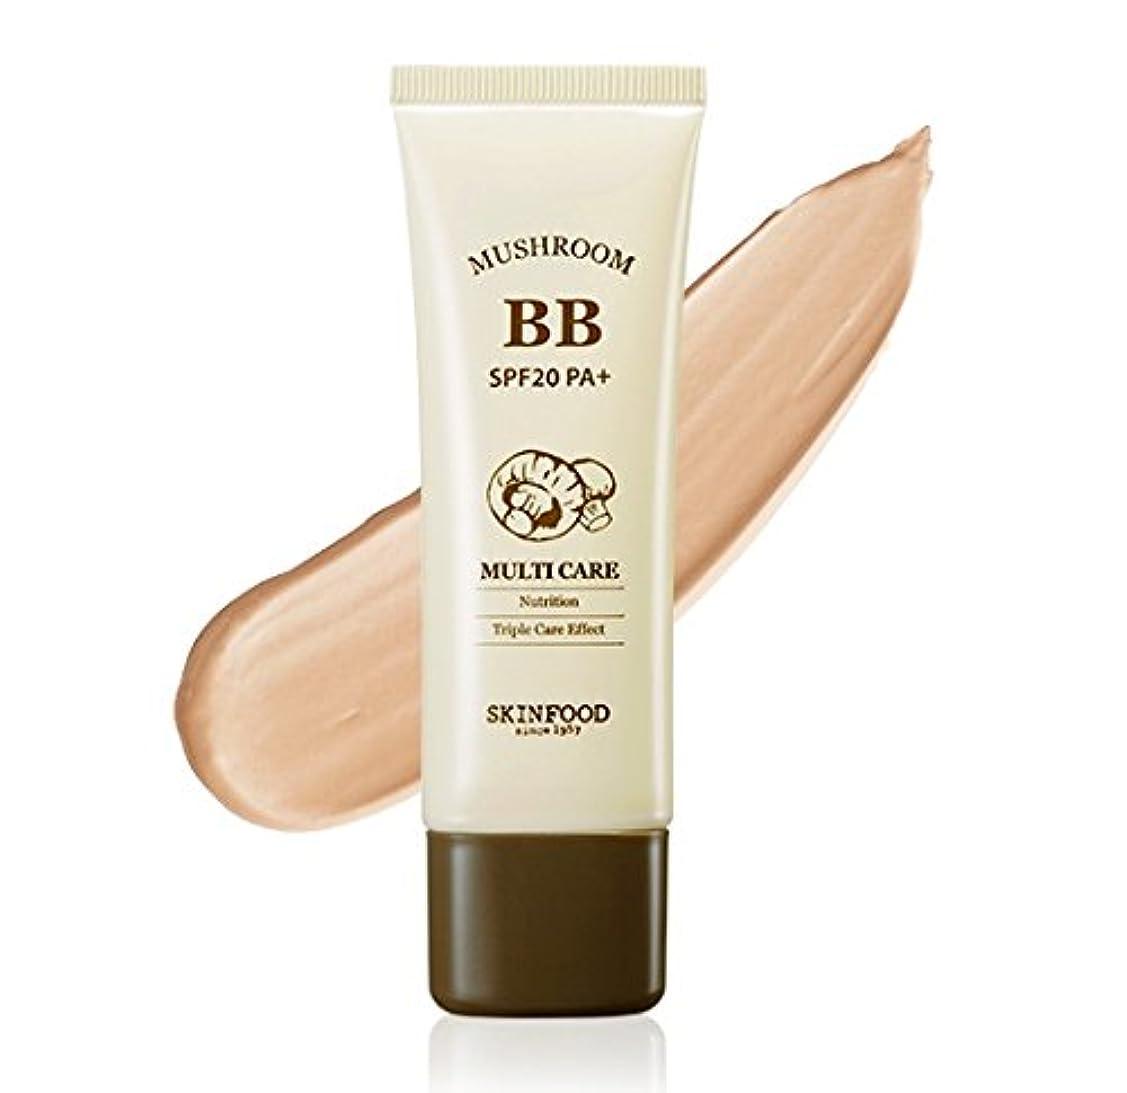 アリス発明衣装#Bright skin SKINFOOD Mushroom Multi Care BB Cream スキンフード マッシュルーム マルチケア BB cream クリーム SPF20 PA+ [並行輸入品]